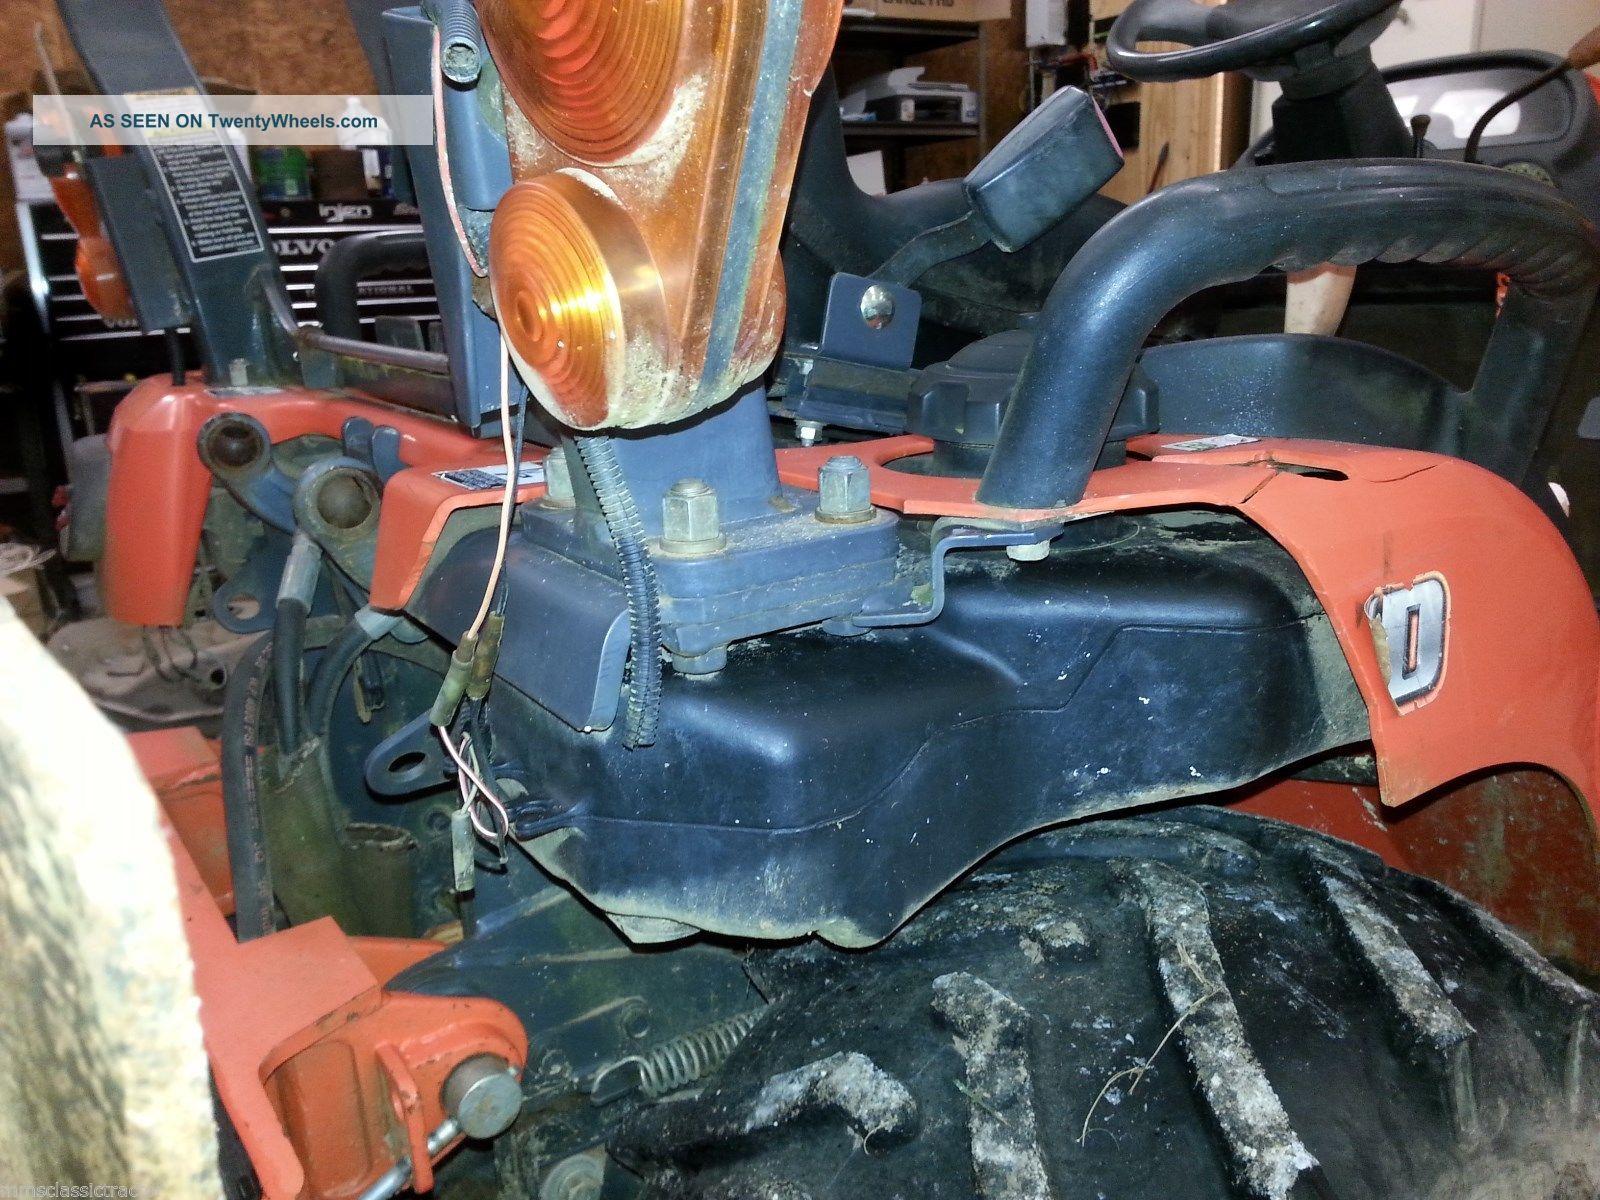 Power Steering Kits For Kubota Tractors : Kubota bx d compact diesel power steering tractor